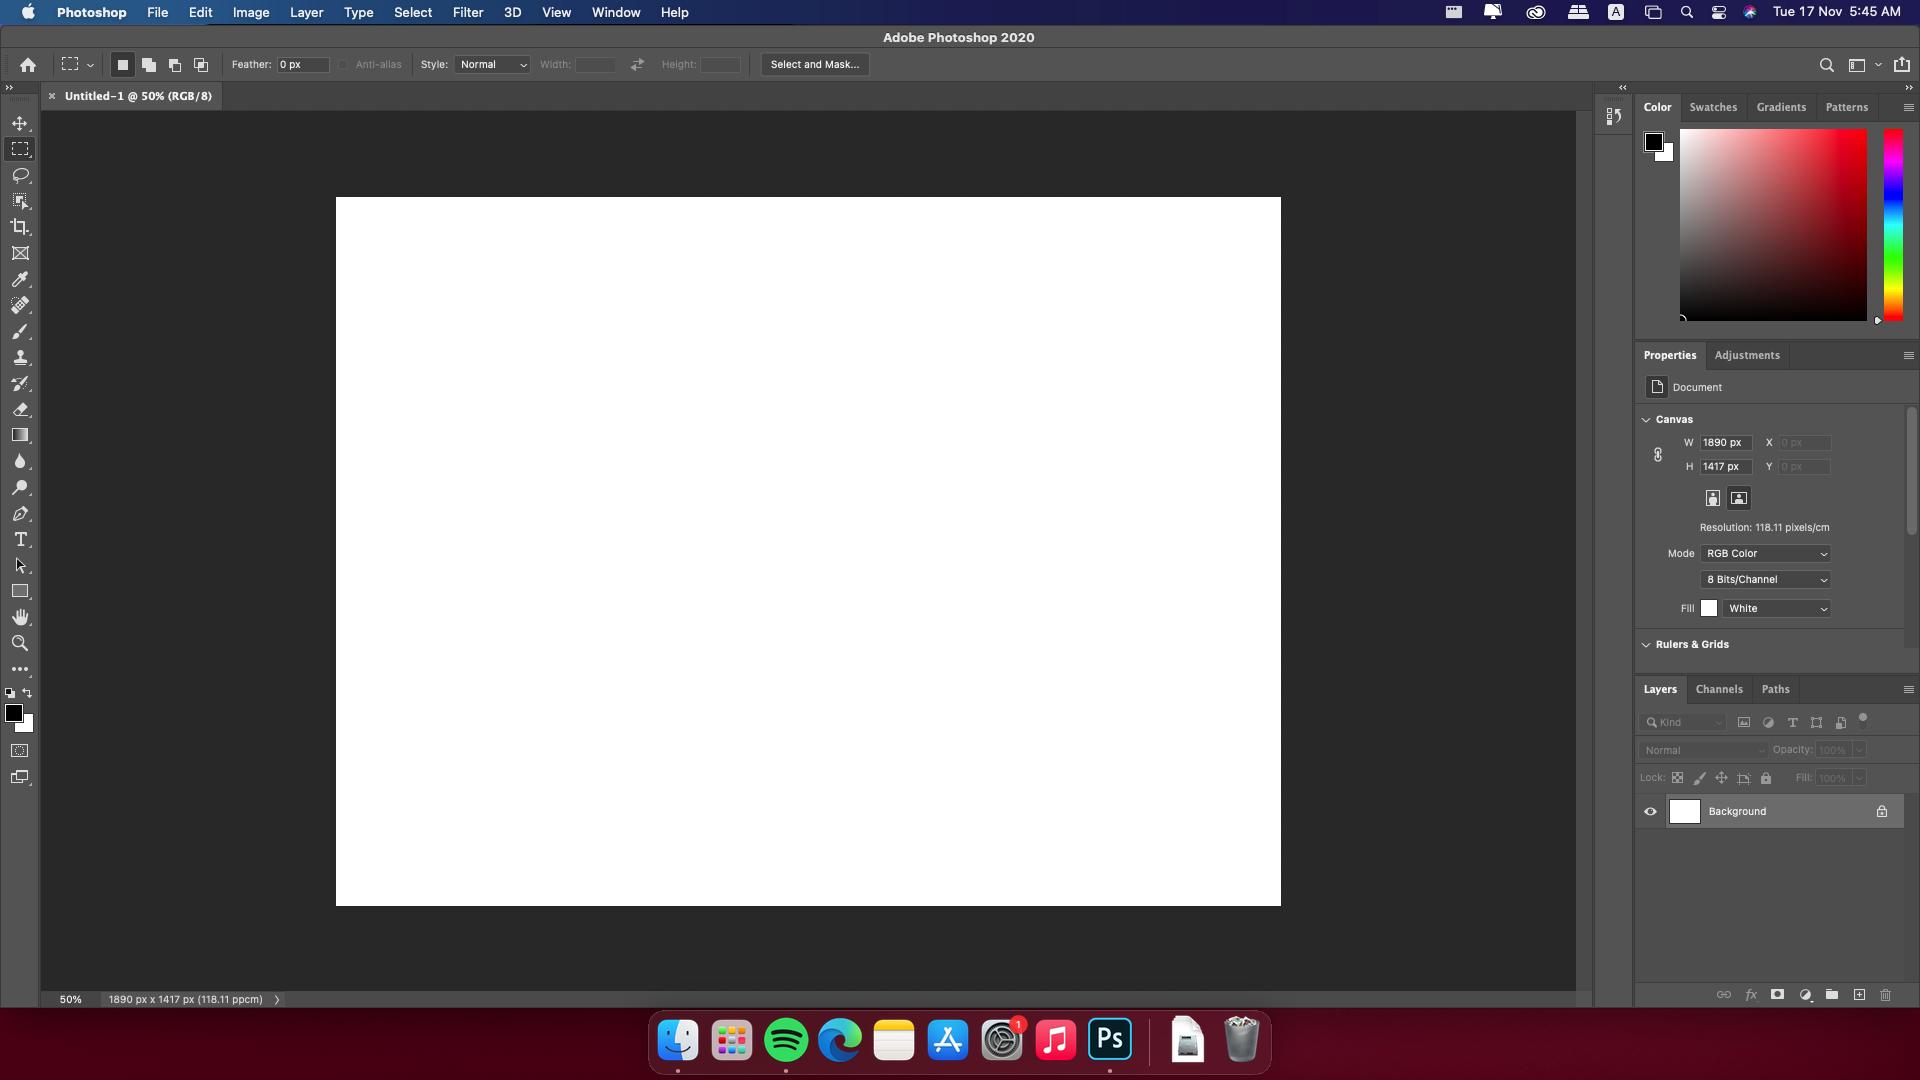 Screen Shot 2020-11-17 at 5 45 32 AM